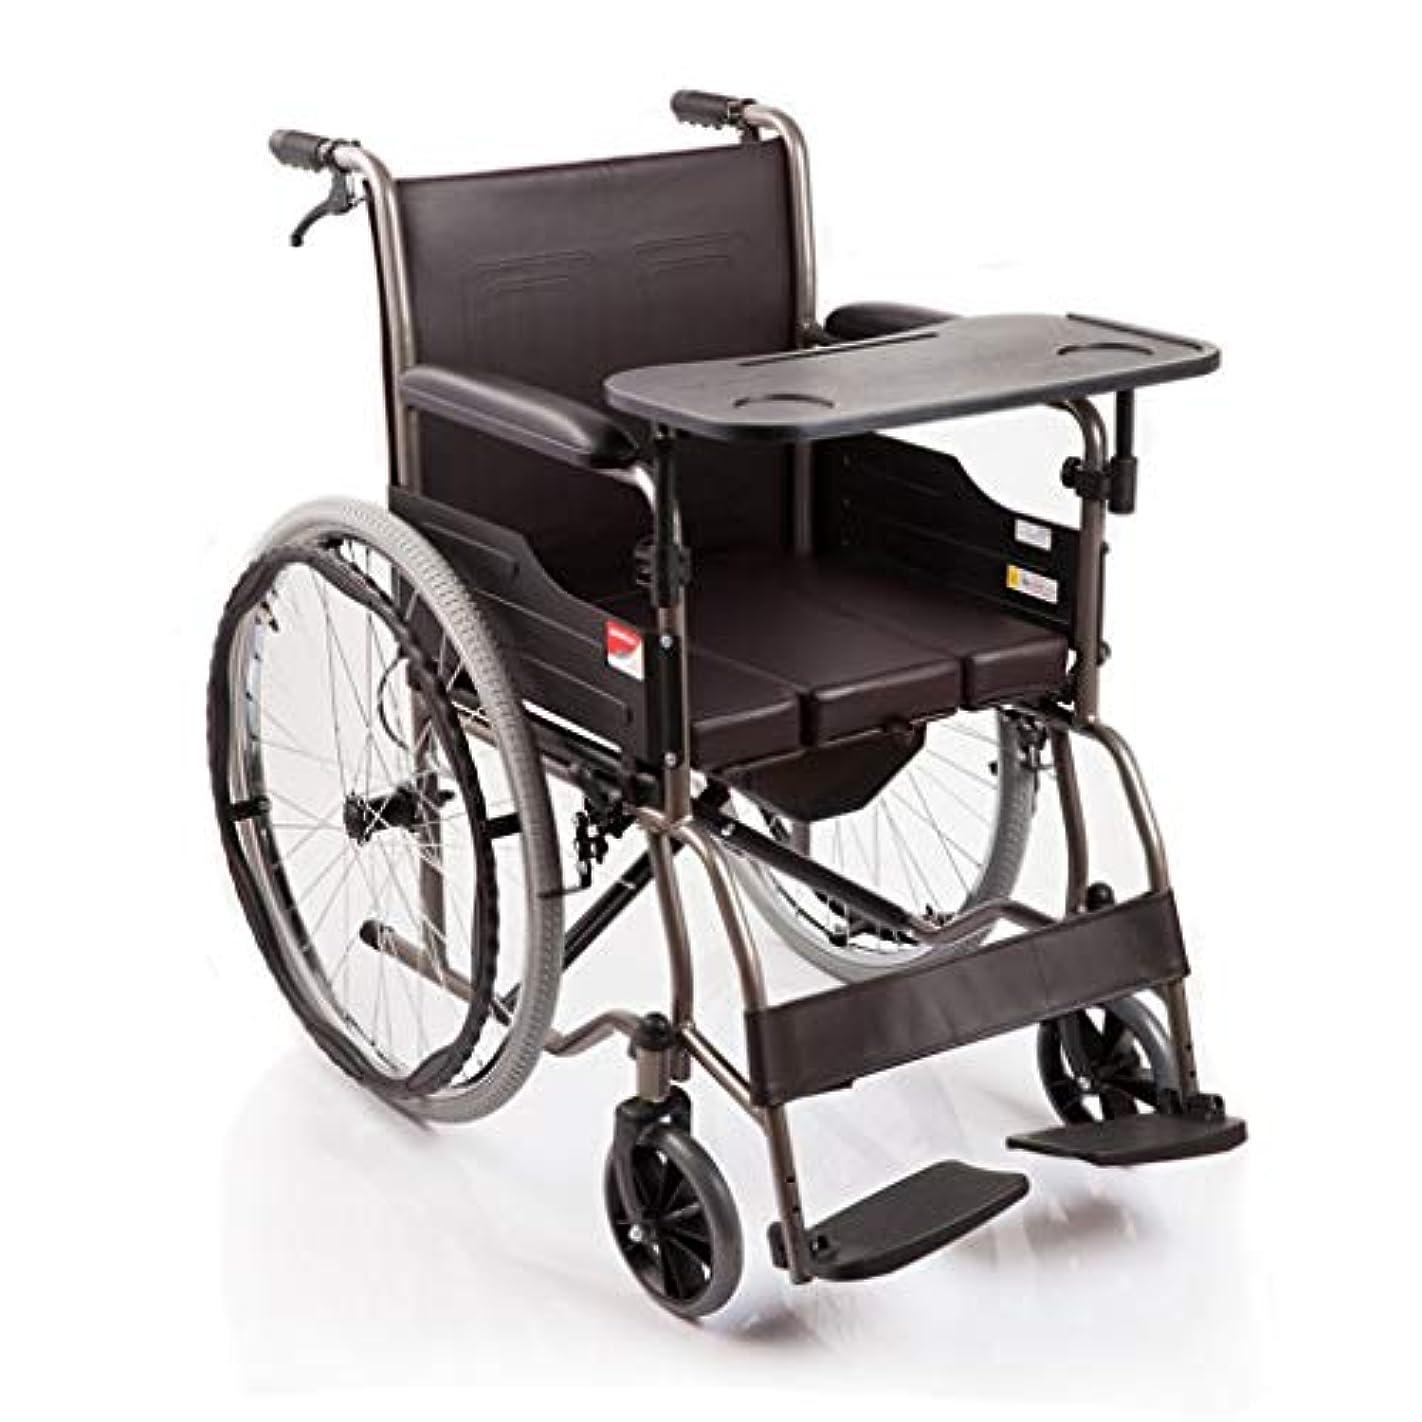 柔らかさ反論ビジョン手動車椅子シミュレーションレザーシートクッション、多機能車椅子、高齢者用屋外折りたたみ式トイレデザイン車椅子